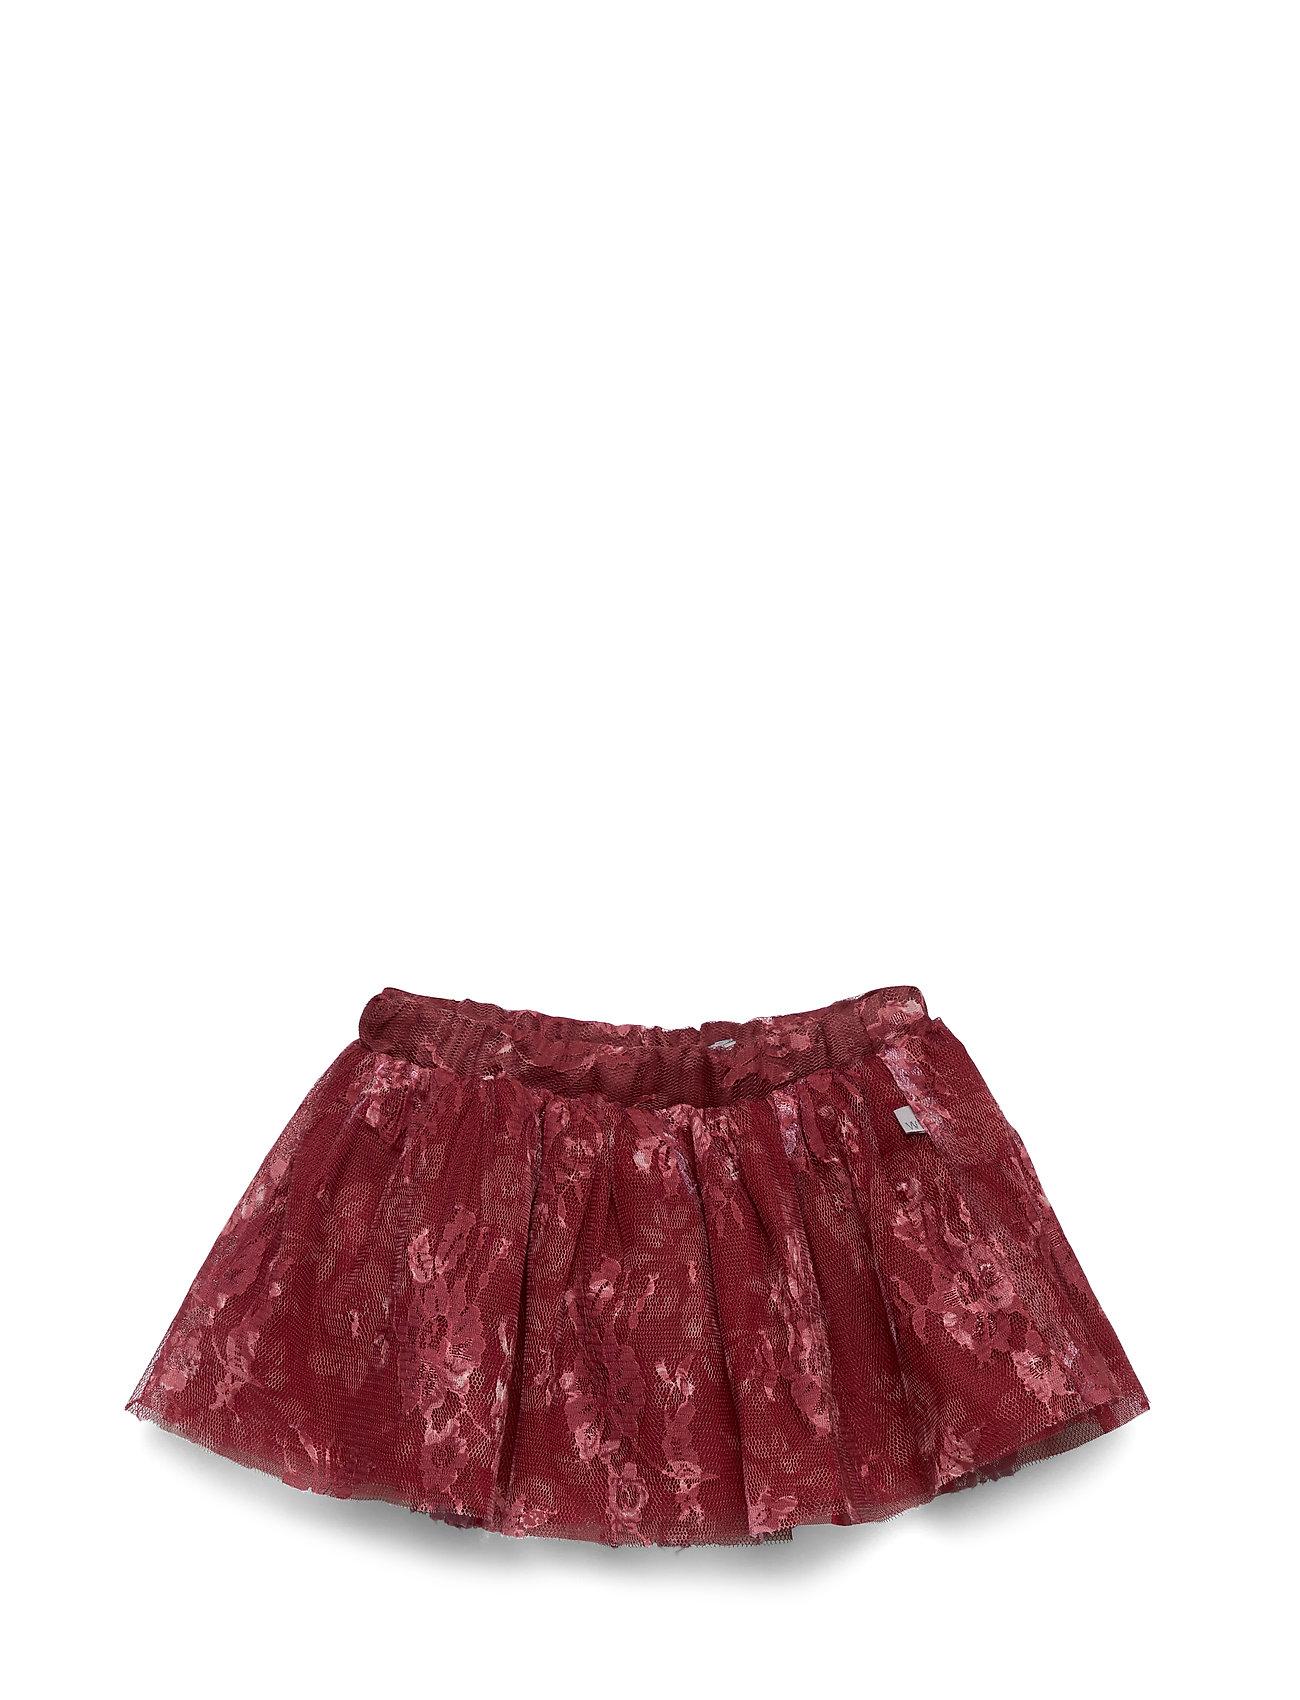 Wheat Skirt Harriet - DARK BERRY